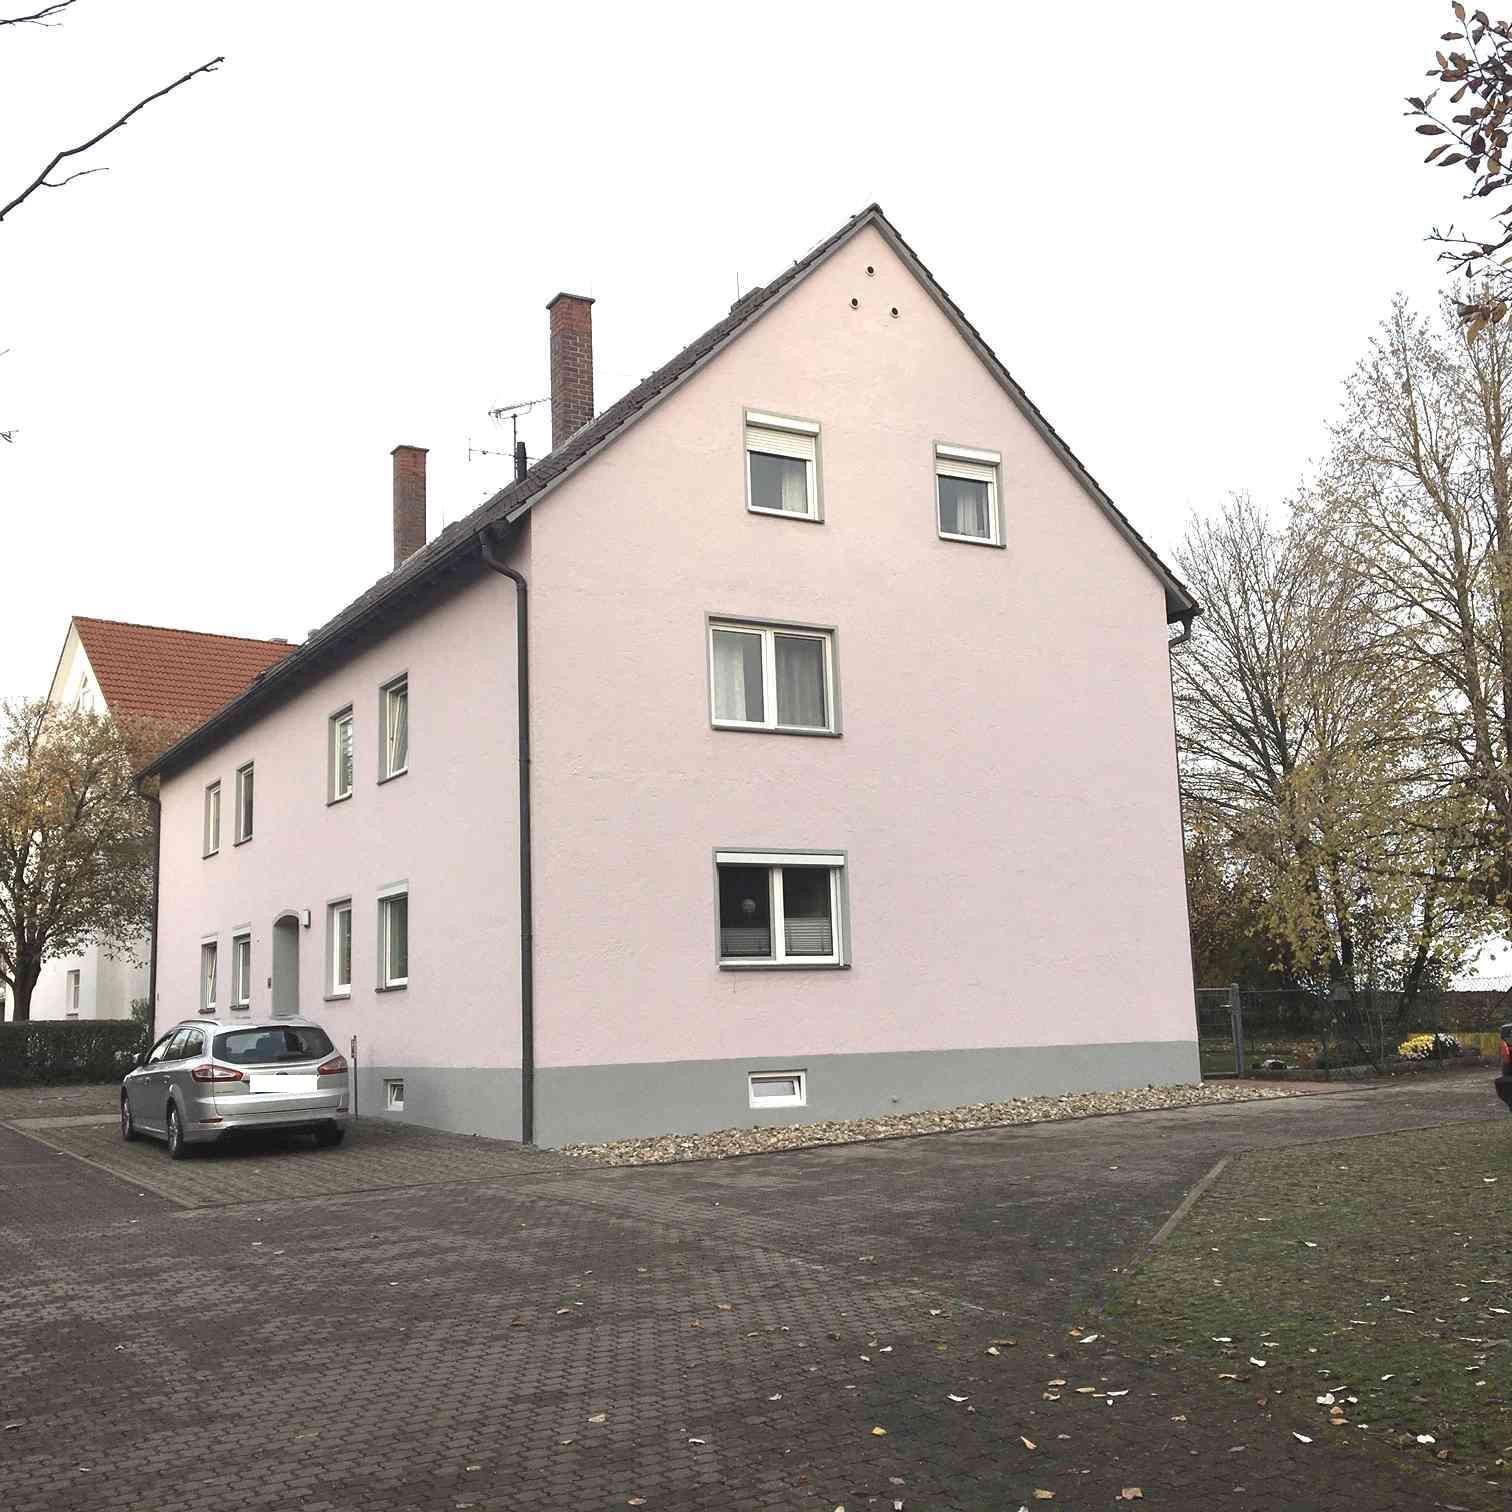 Günstig in eine 3-Zimmer-Dachgeschosswohnung in Neuburg an der Donau